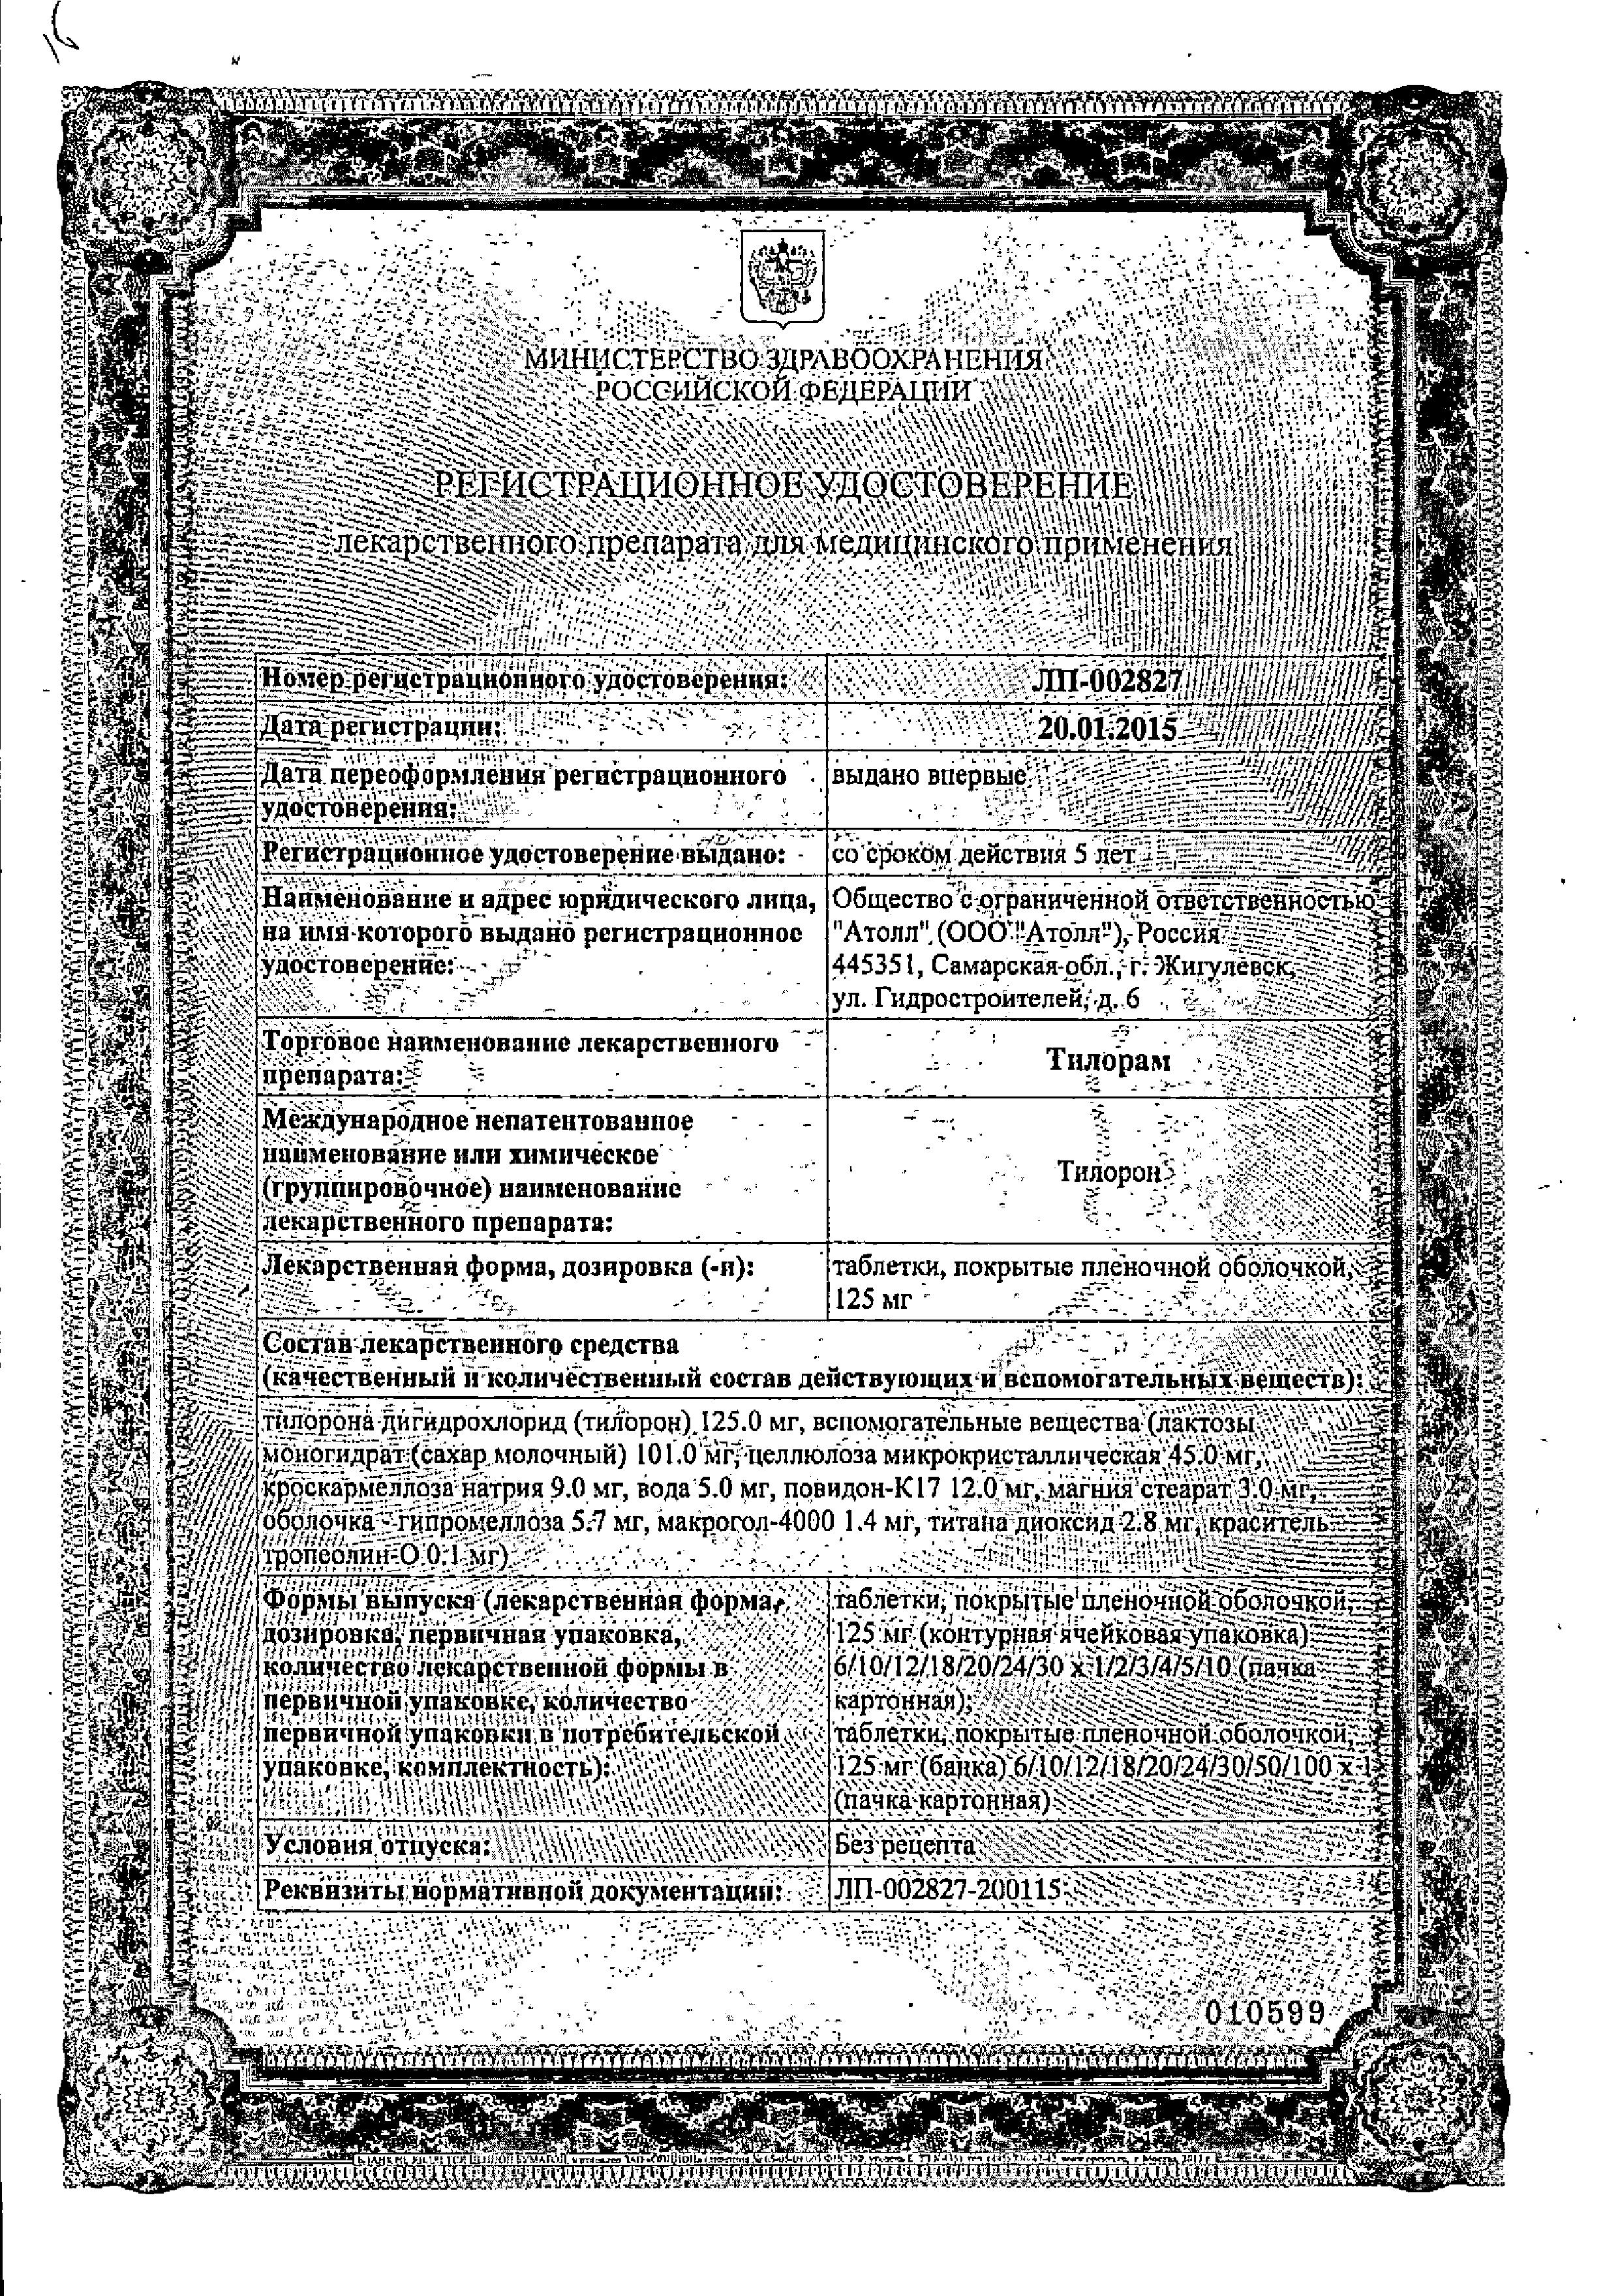 Тилорам сертификат